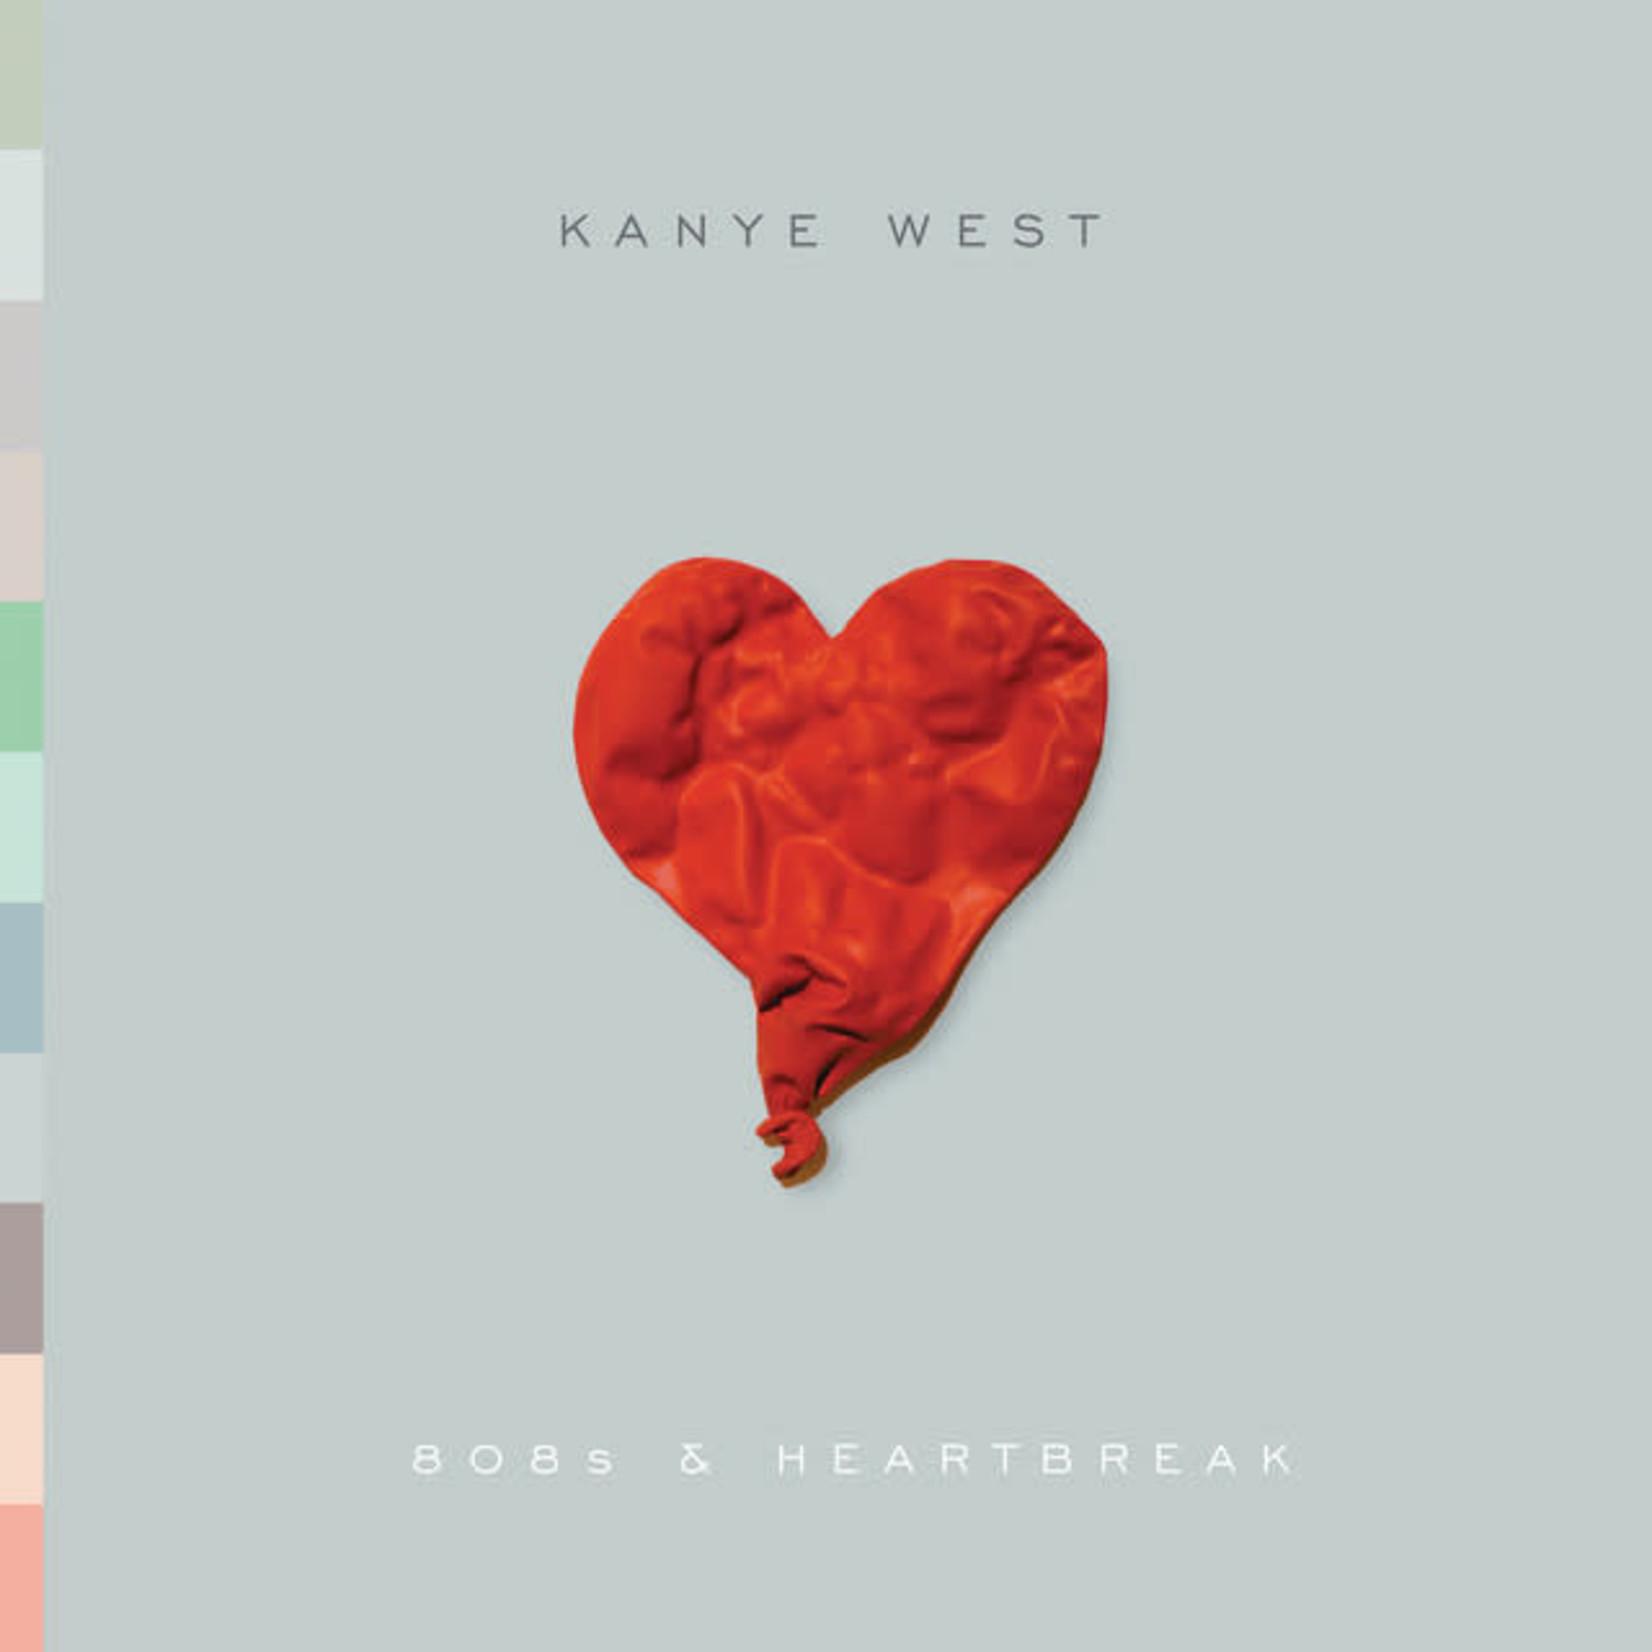 Vinyl Kanye West - 808s & Heartbreak [Deluxe Collectors Set]